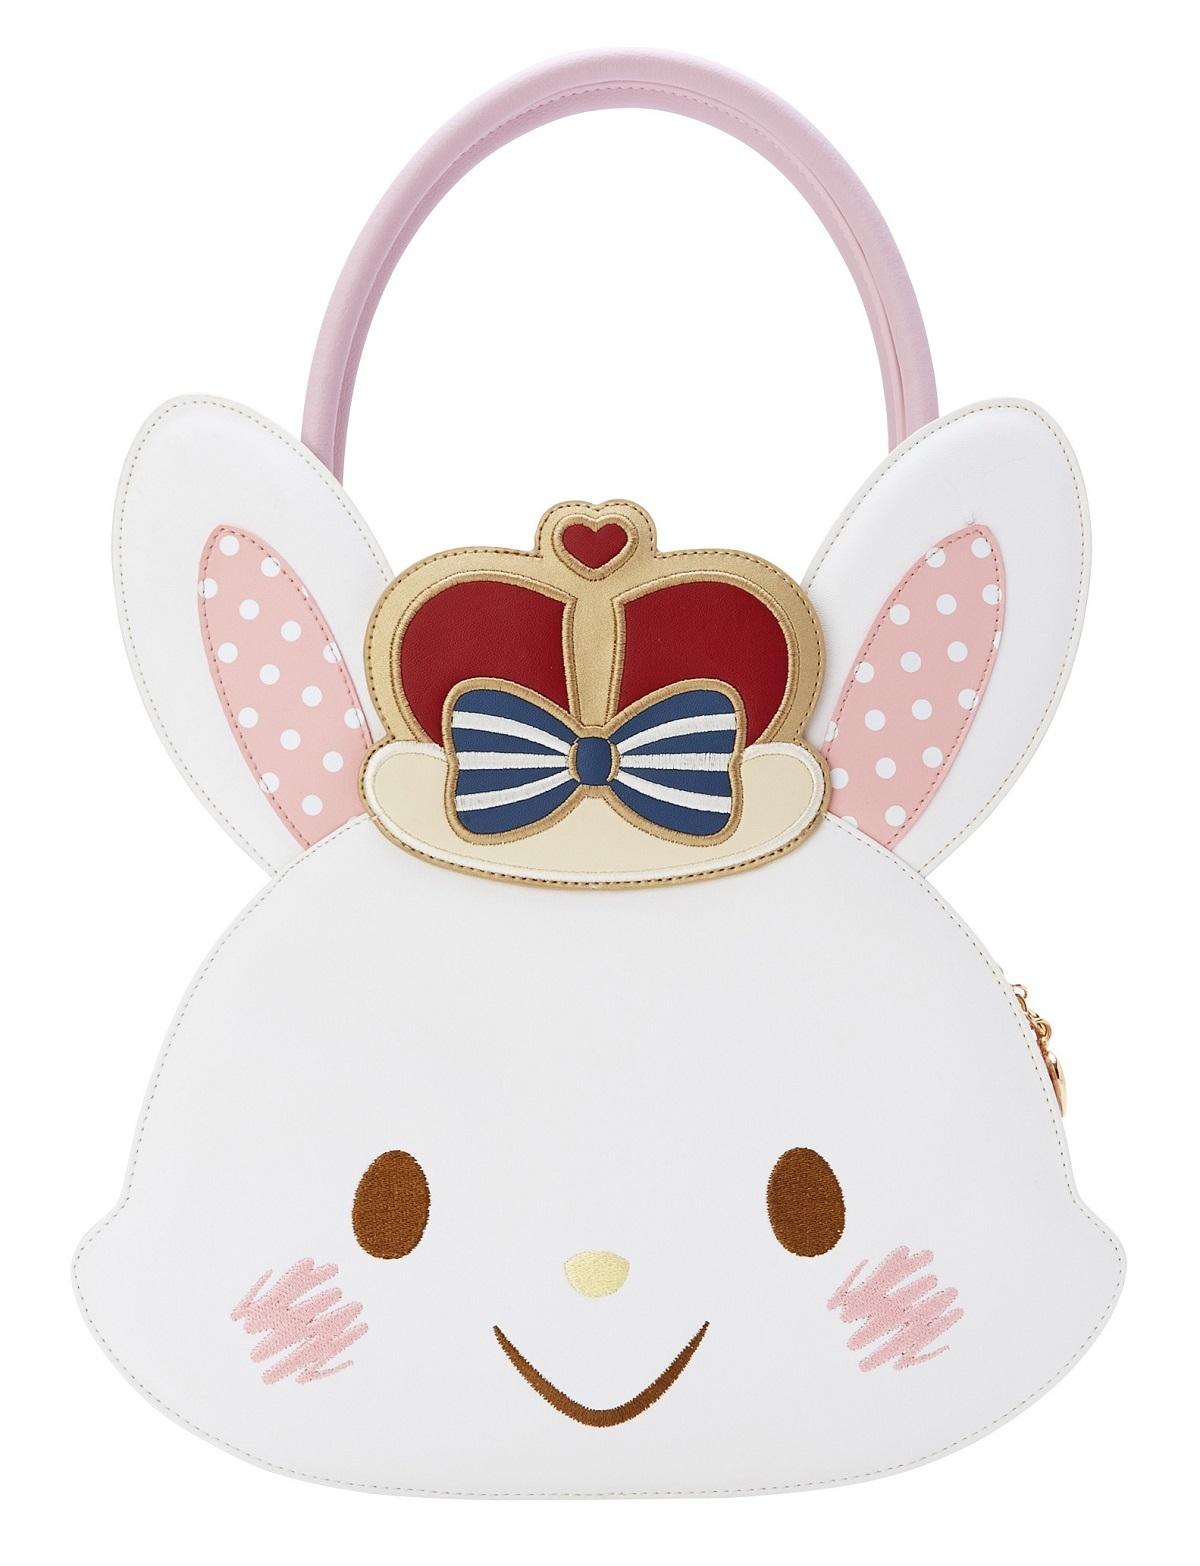 ウィッシュミーメル 10th Anniversary フェイス形バッグ 5,500円